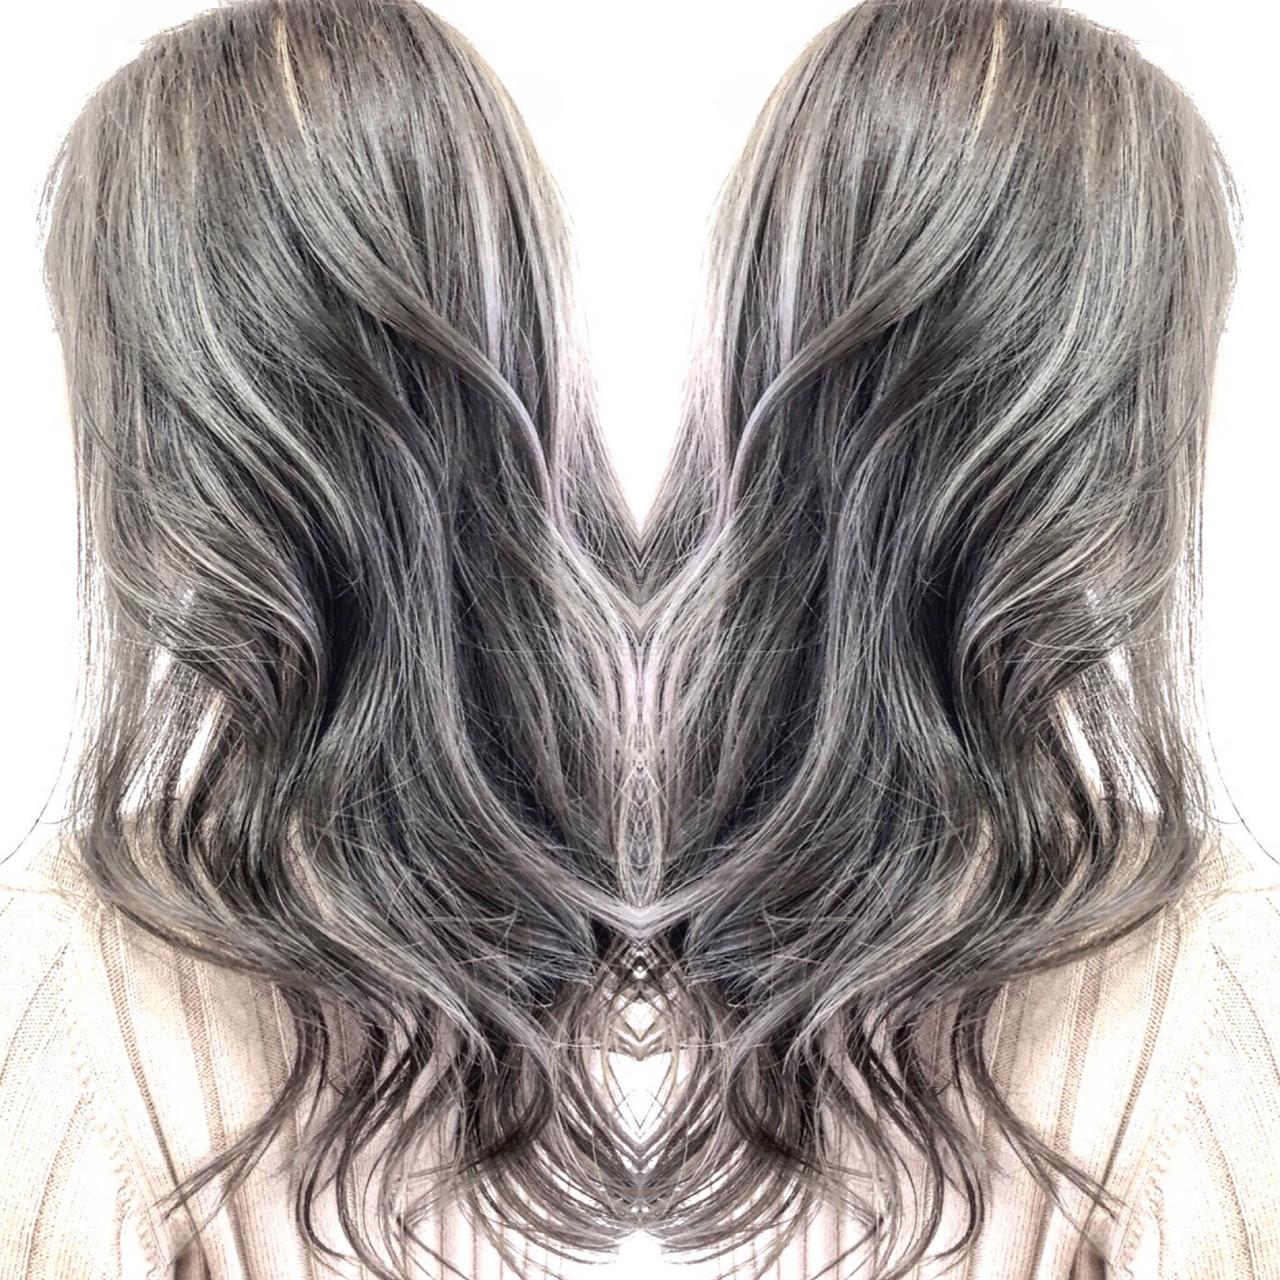 エクステ 前髪エクステ ロング ハイライト ヘアスタイルや髪型の写真・画像 | 福本雅哉 / LILY 心斎橋